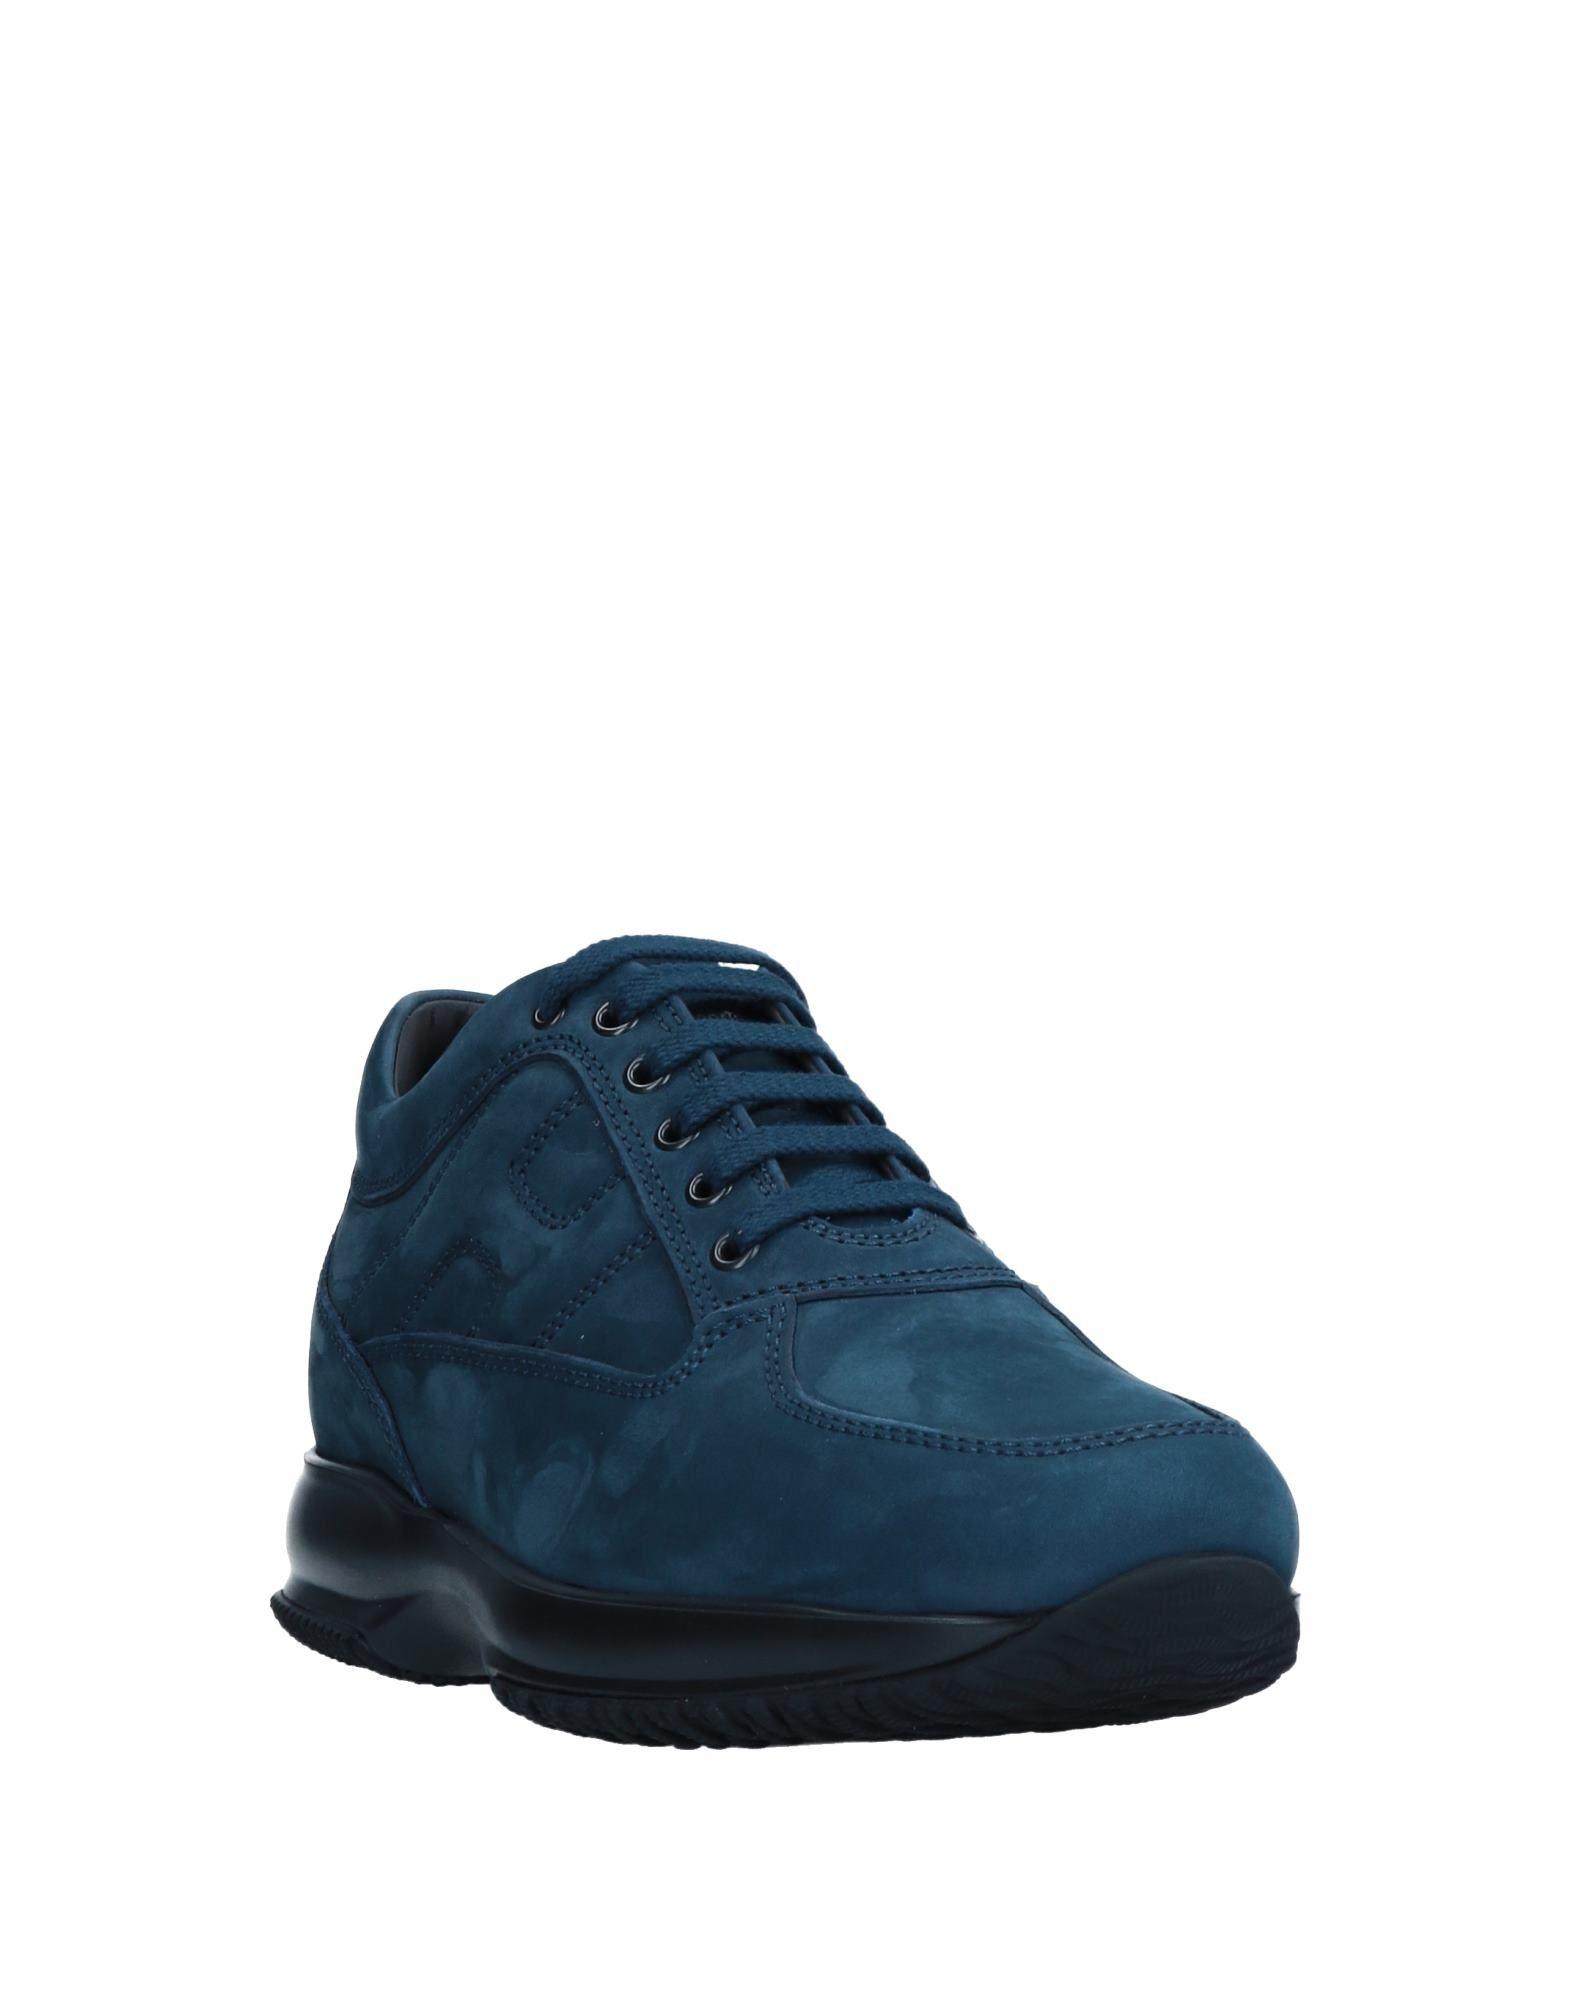 Hogan Sneakers Herren beliebte  11193816XT Gute Qualität beliebte Herren Schuhe 77df61